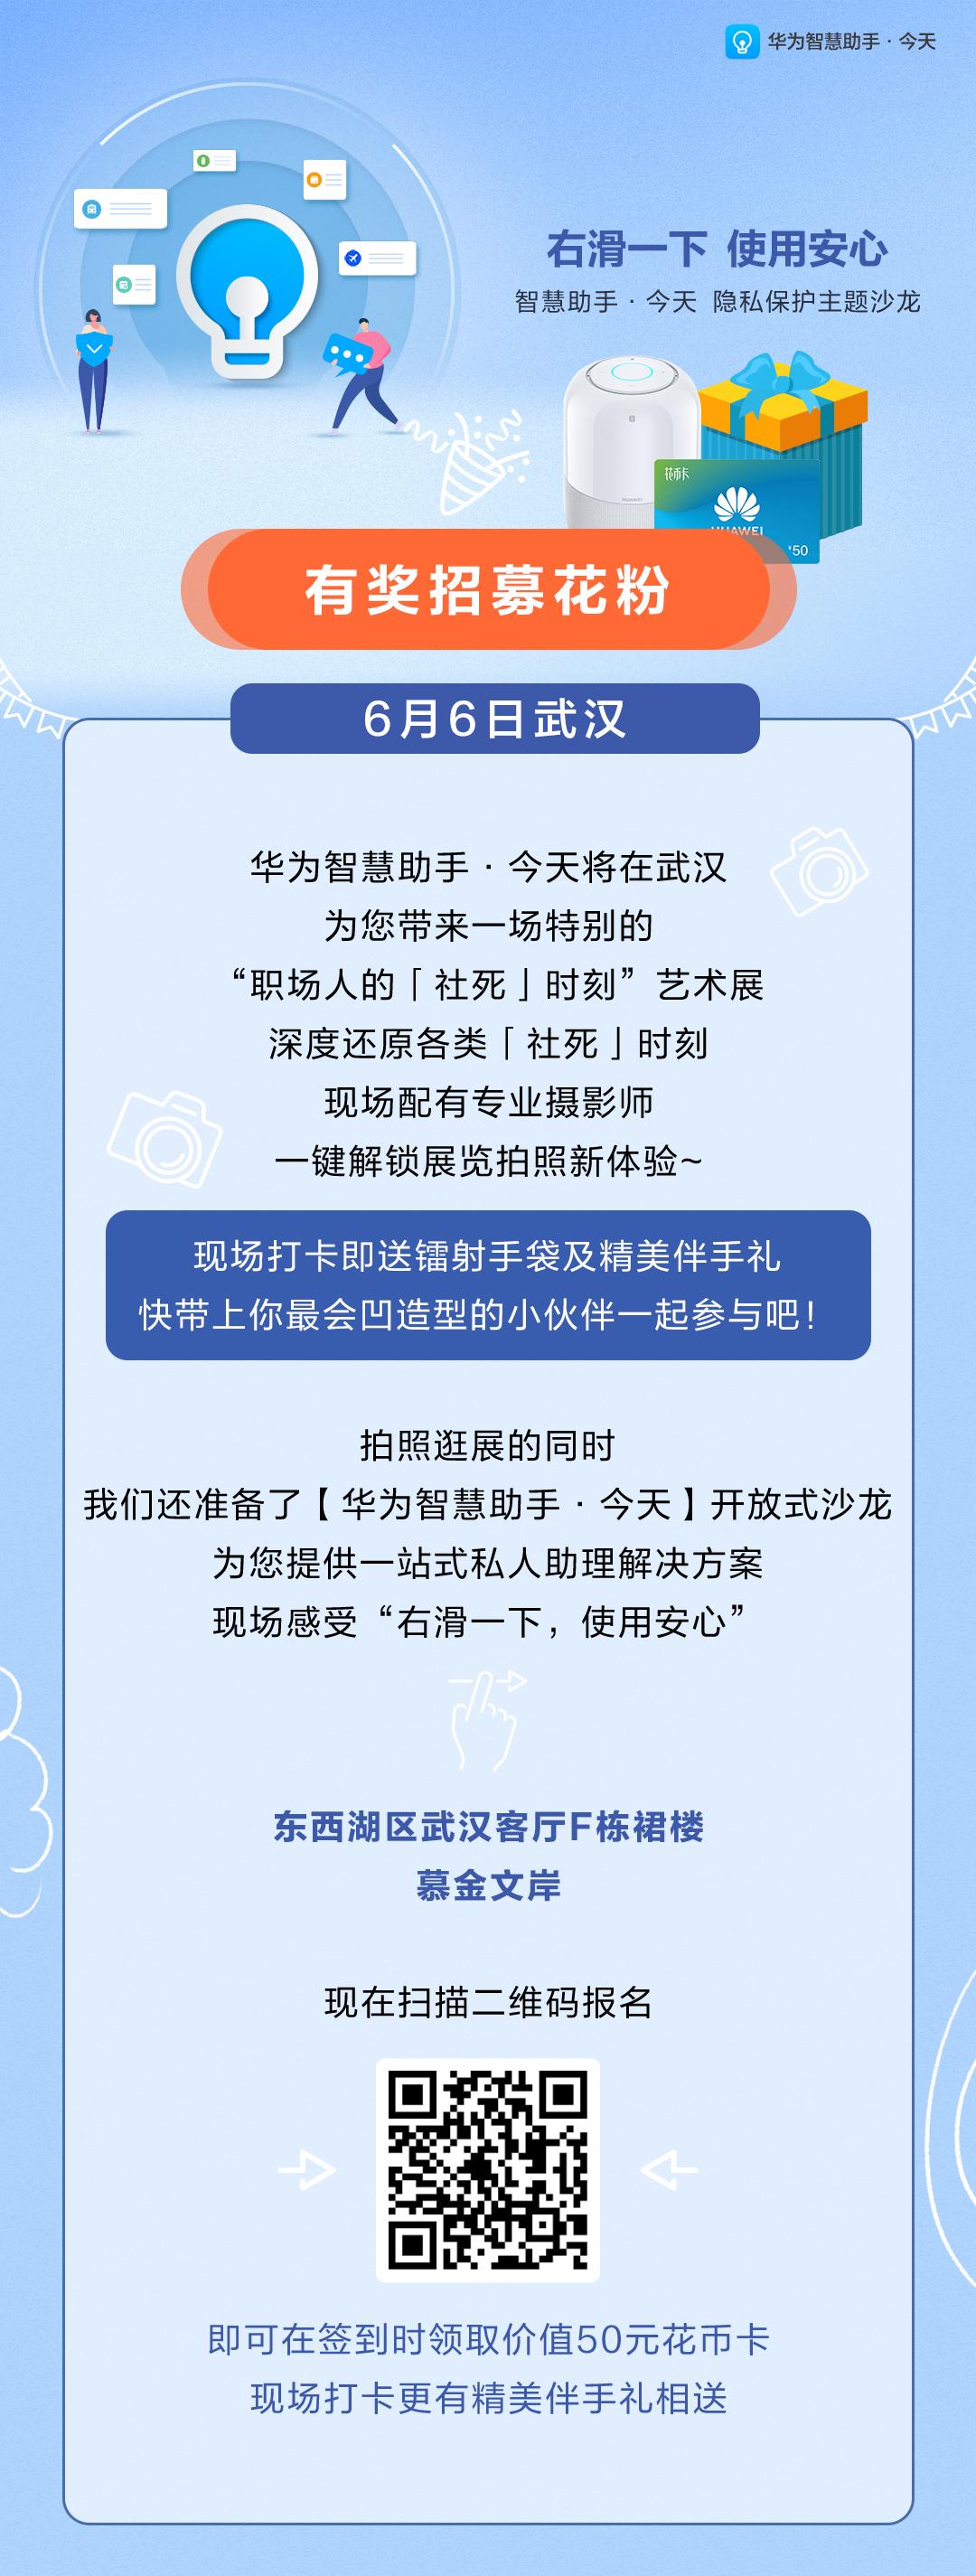 武汉新版本线下活动招募长图.jpg